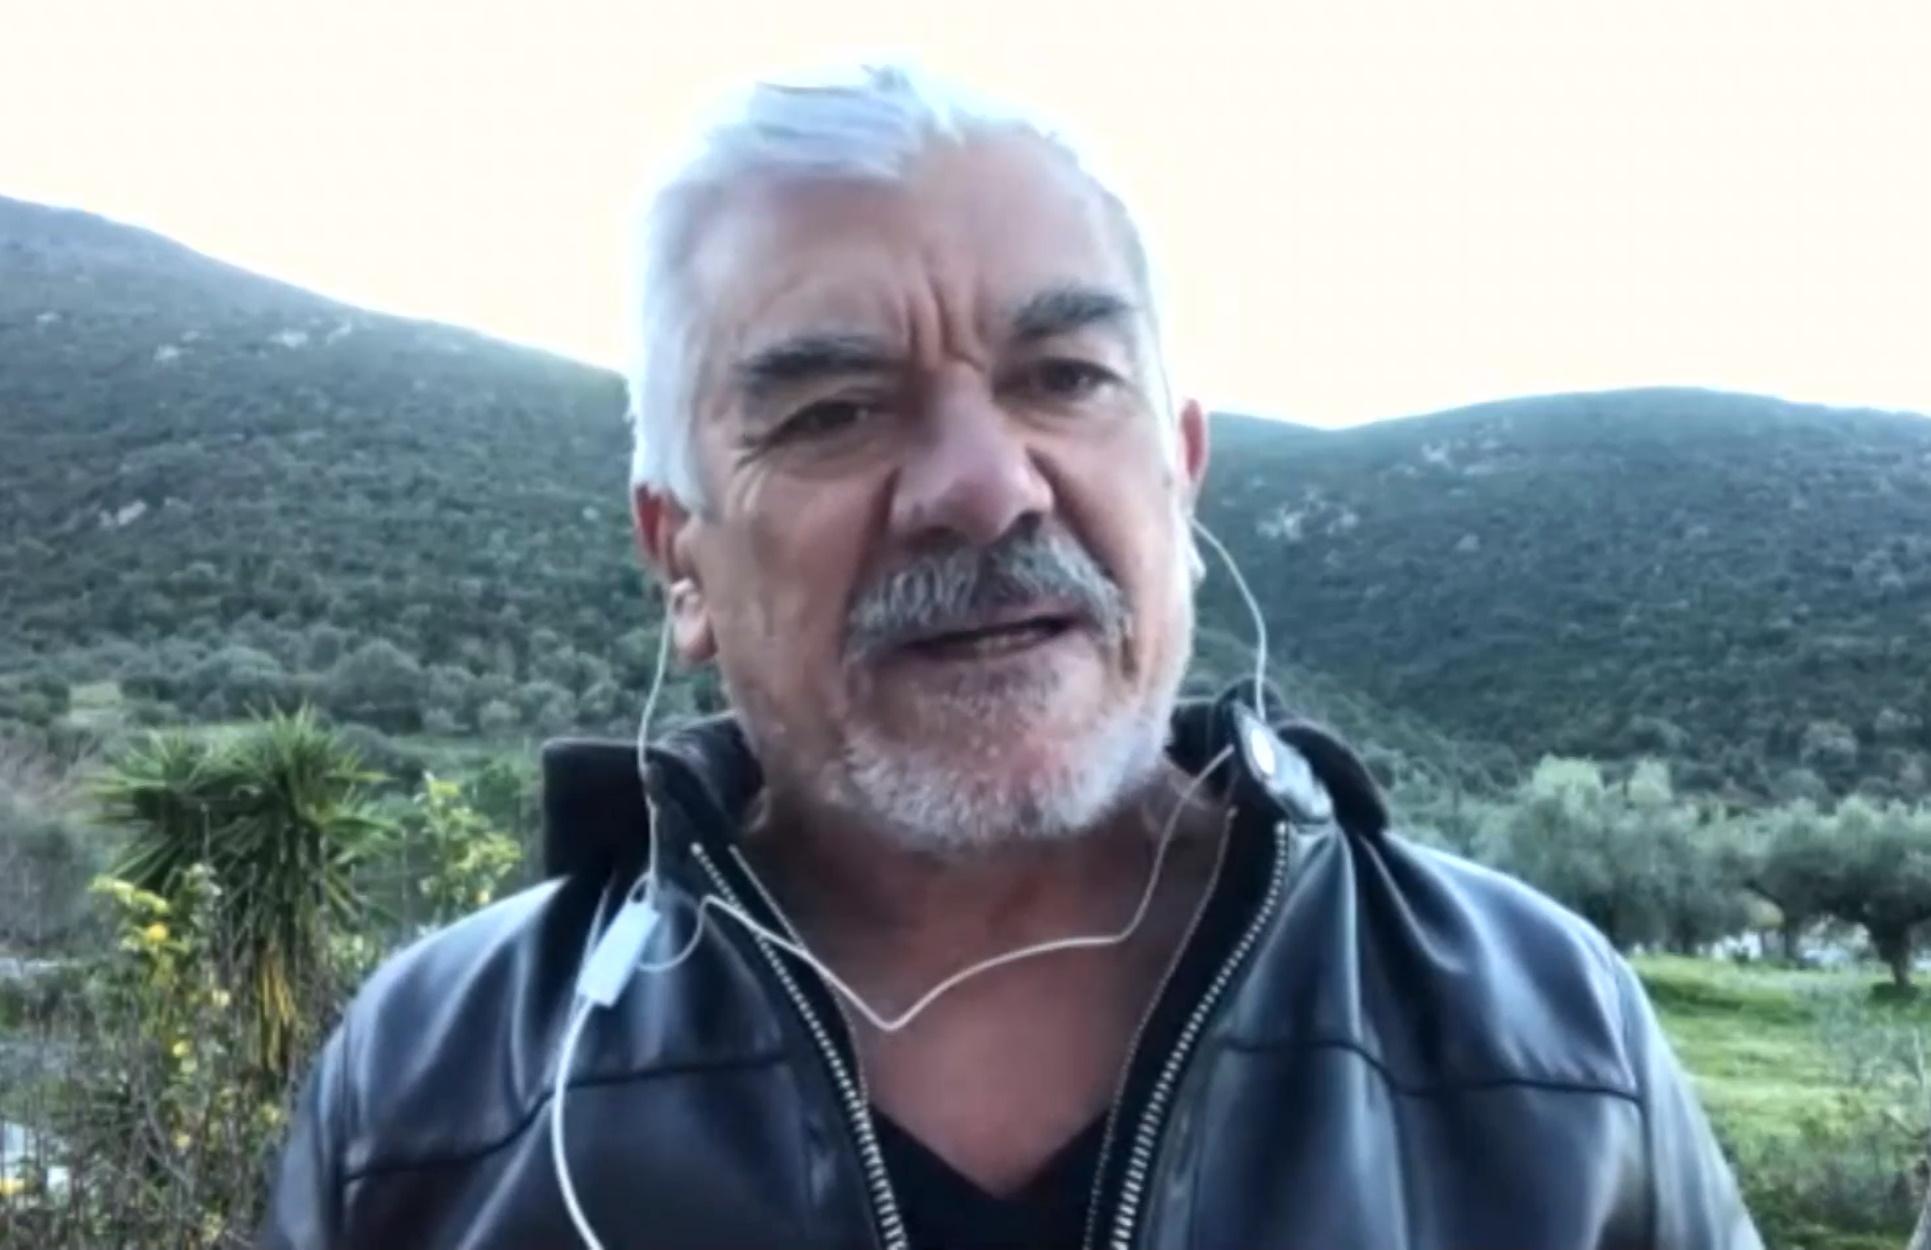 Γιώργος Γιαννόπουλος για τις καταγγελίες: Αν τα ήξεραν υπάρχει συνενοχή, εγώ δεν ήξερα τίποτα